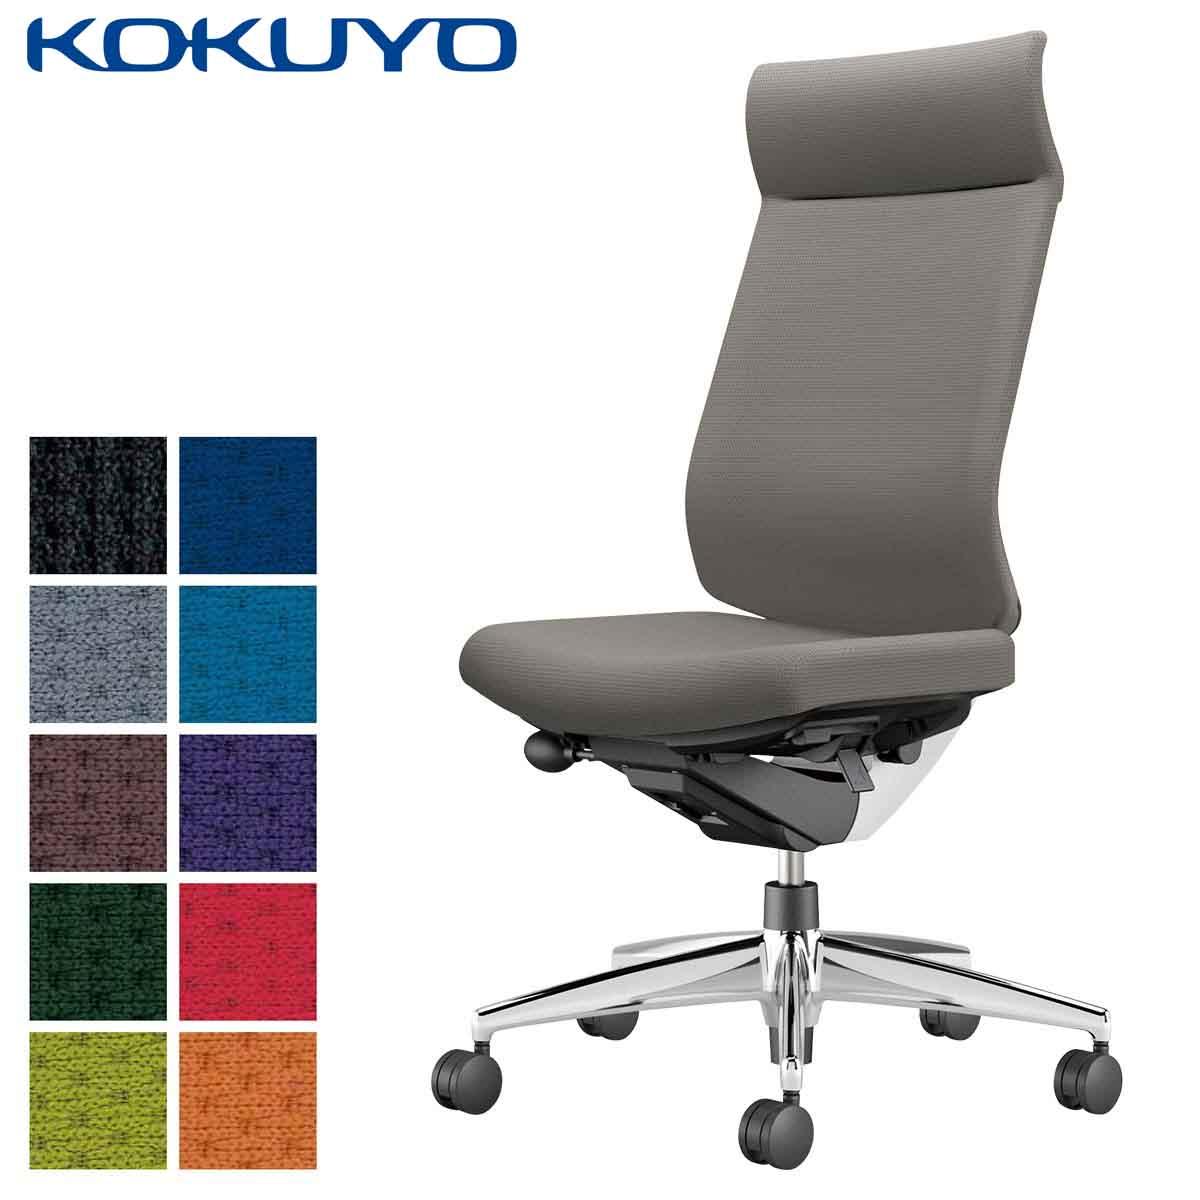 新しく着き コクヨ デスクチェア フローリング用キャスター オフィスチェア -v 椅子 Wizard3 椅子 ウィザード3 CR-A3624E1 肘なし ホワイトシェル アルミポリッシュ脚 -v フローリング用キャスター, ヒガシクルメシ:dc9fbe3f --- odishashines.com